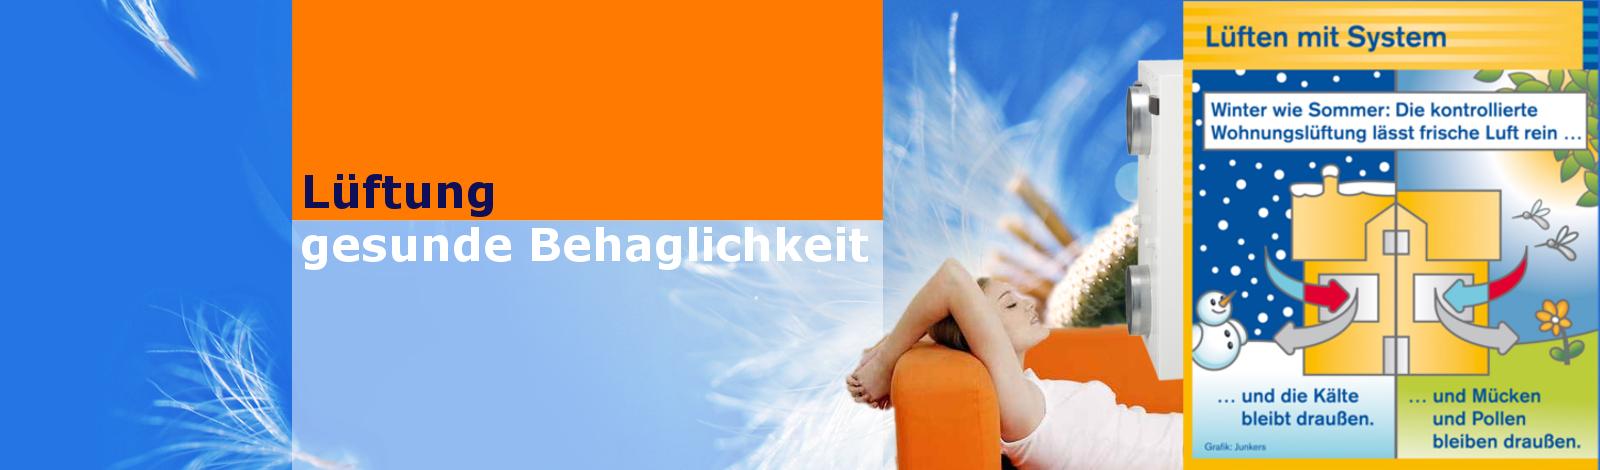 05_KB_website_start_lueftung